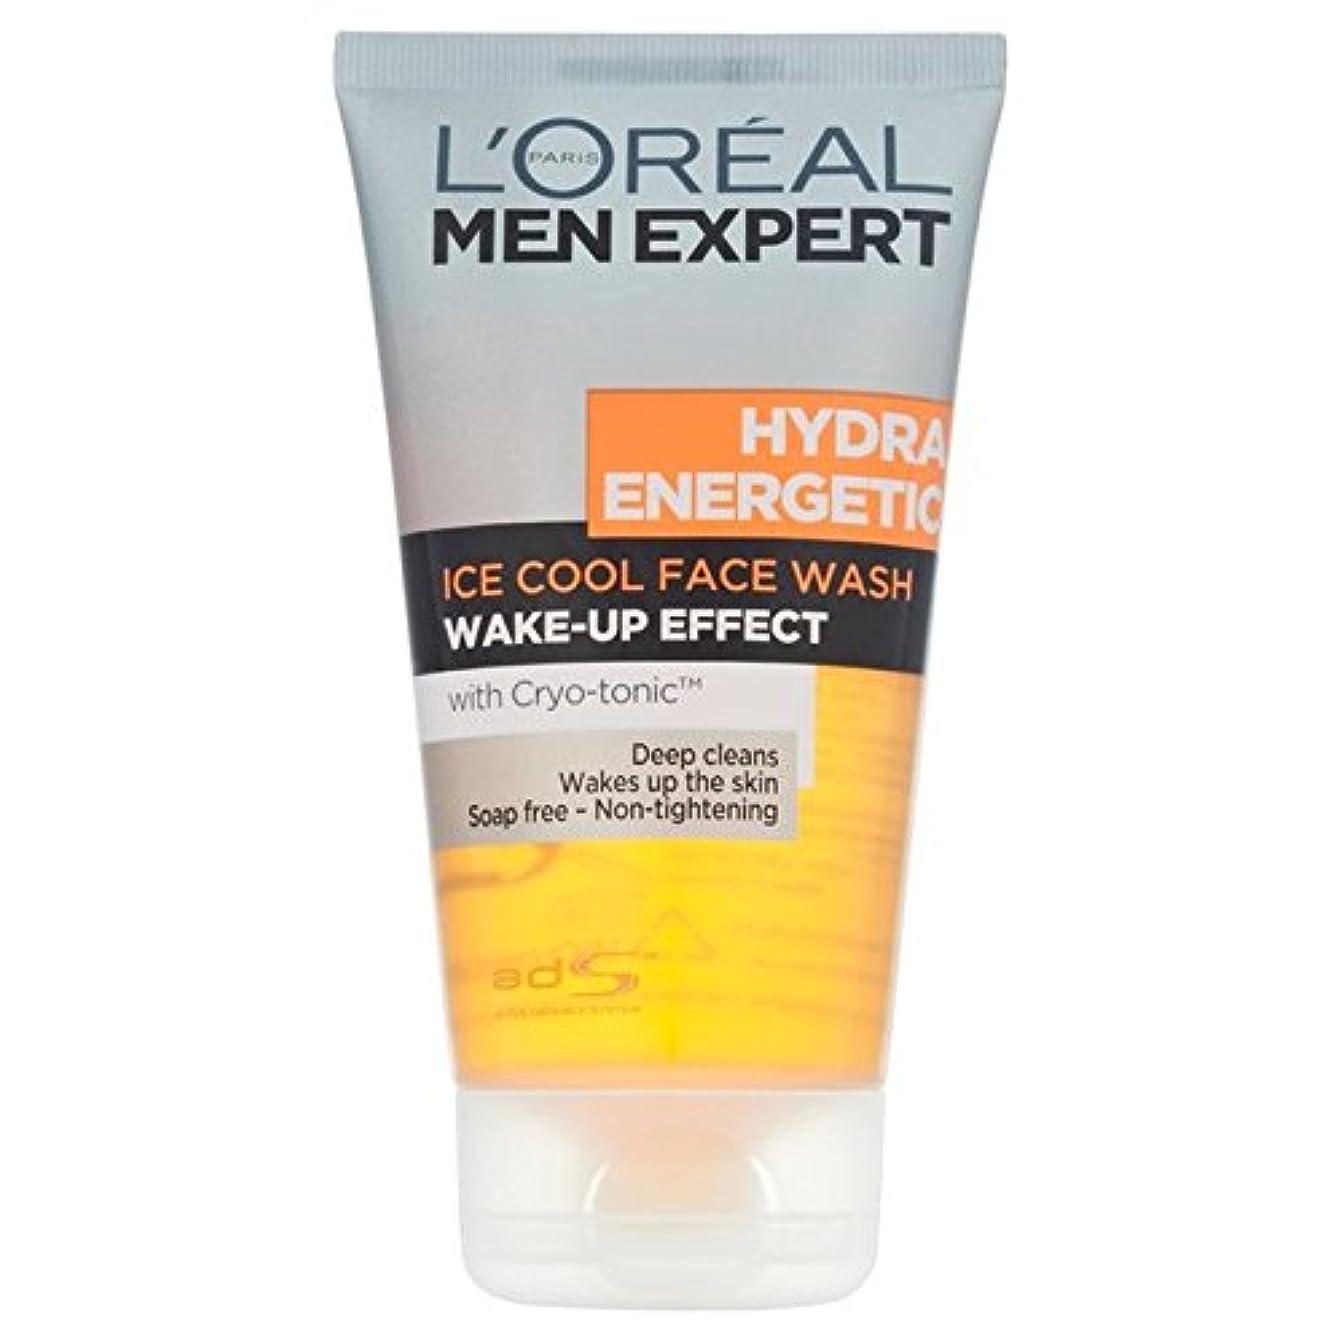 年次喜びマウスピースL'Oreal Men Expert Hydra Energetic Foaming Cleansing Gel 150ml (Pack of 6) - ロレアルの男性の専門家ヒドラエネルギッシュな発泡クレンジングジェル...